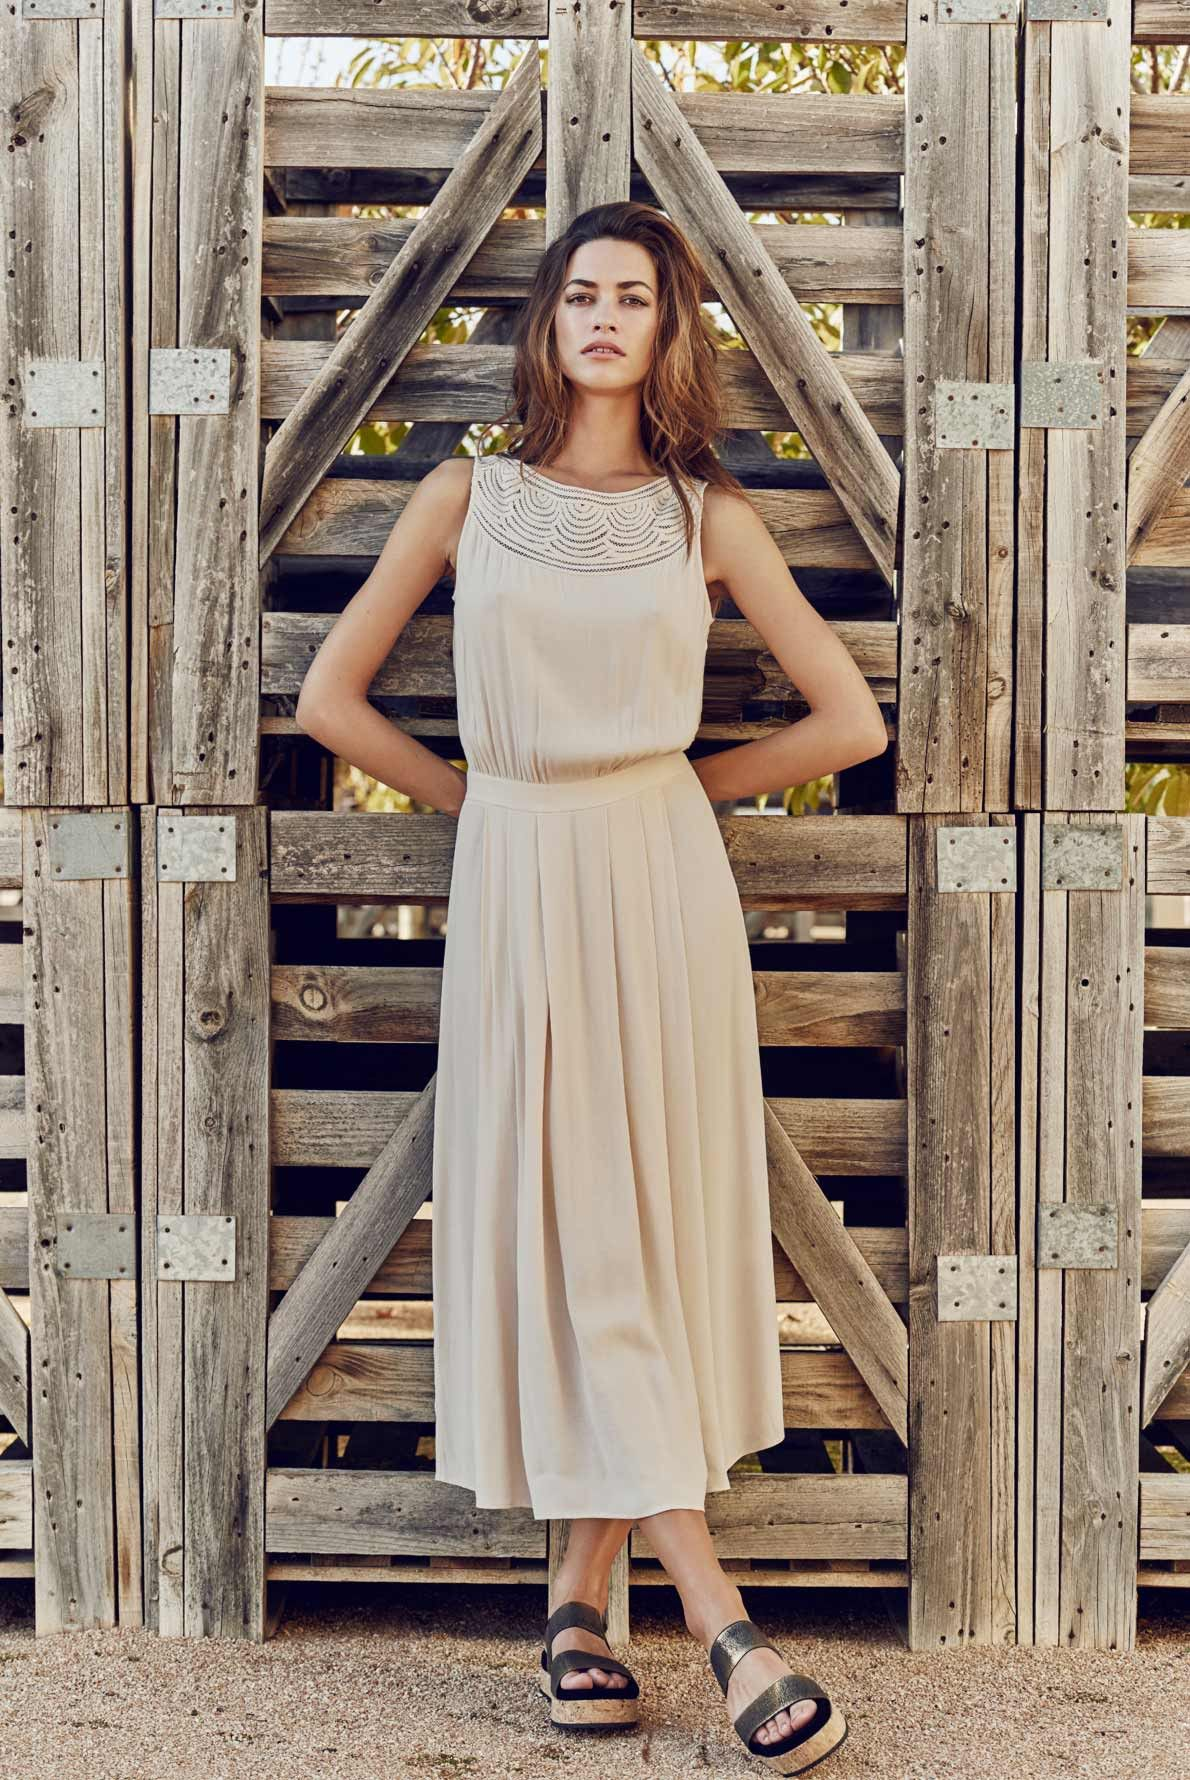 89be3607761de Dress cream, aussi   gerard darel   Women s Apparel   Pinterest   Mode